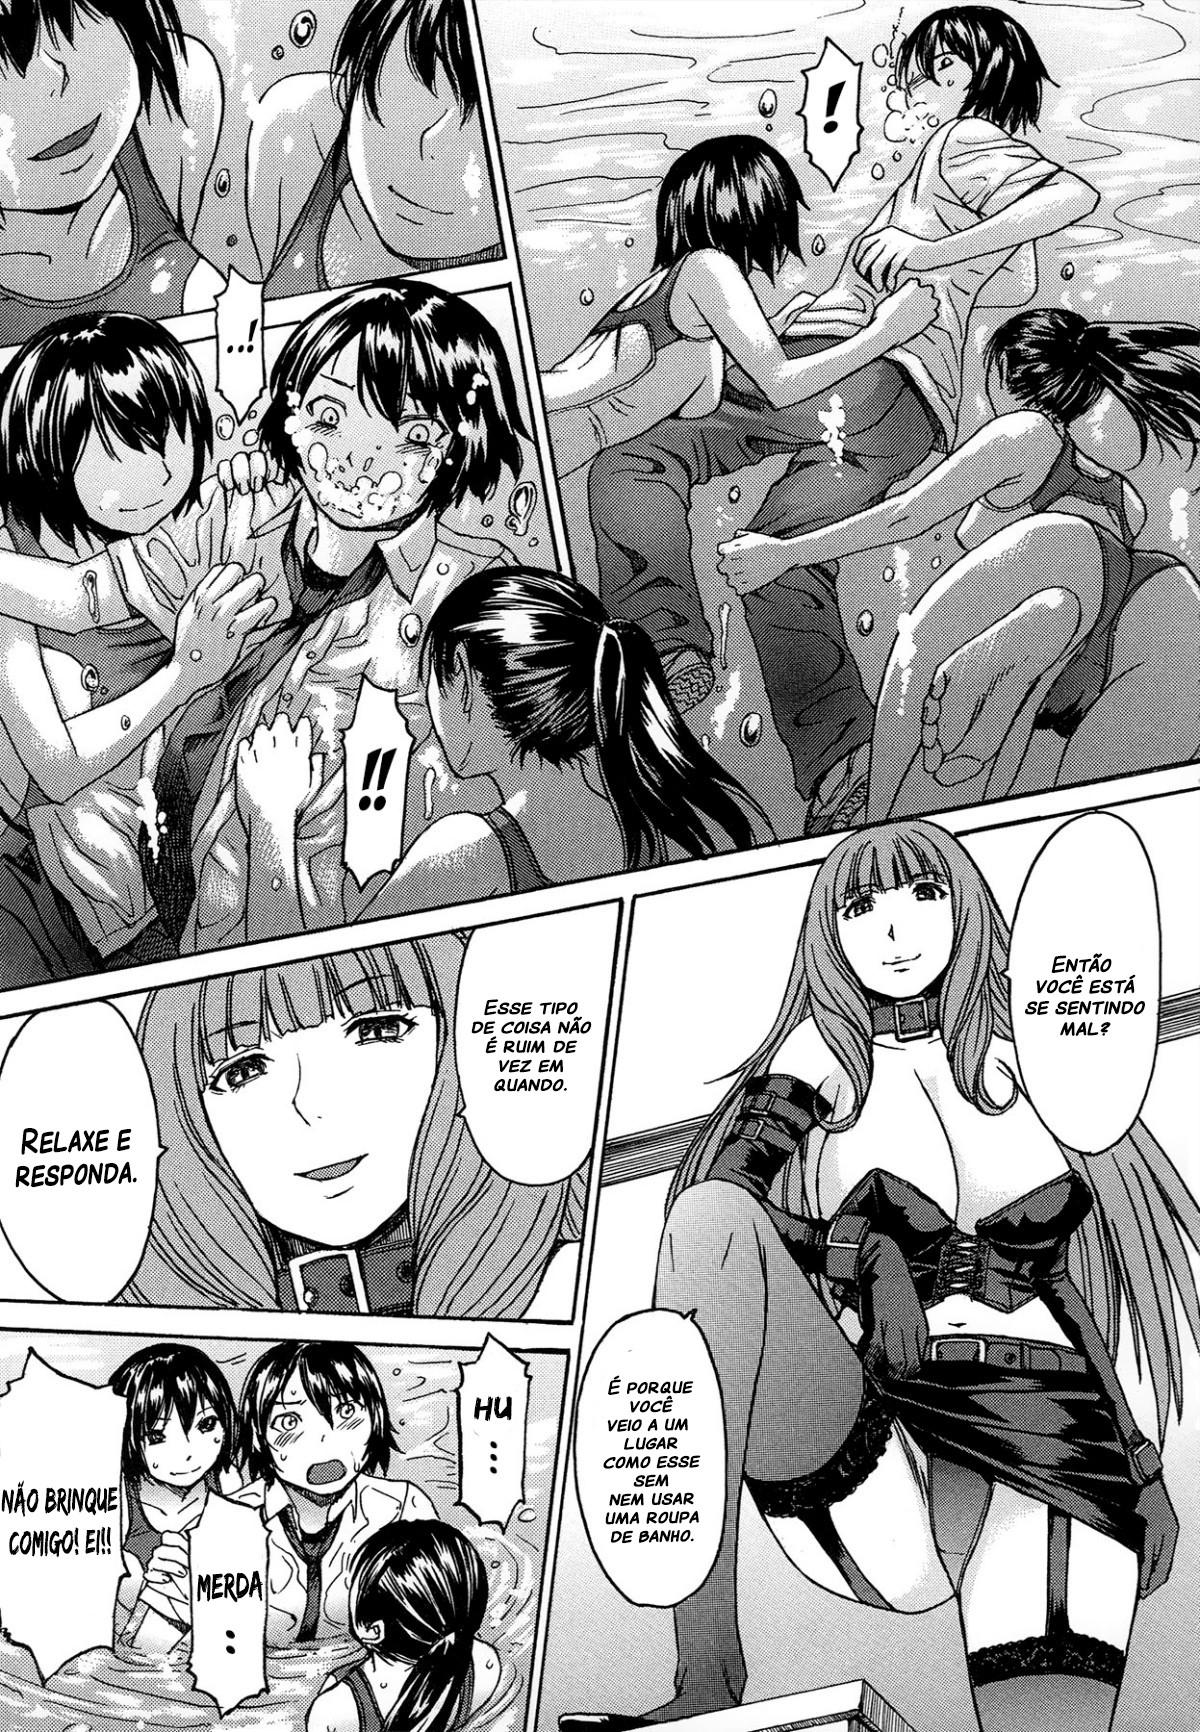 Ashigami Capitulo 3 - pagina 7